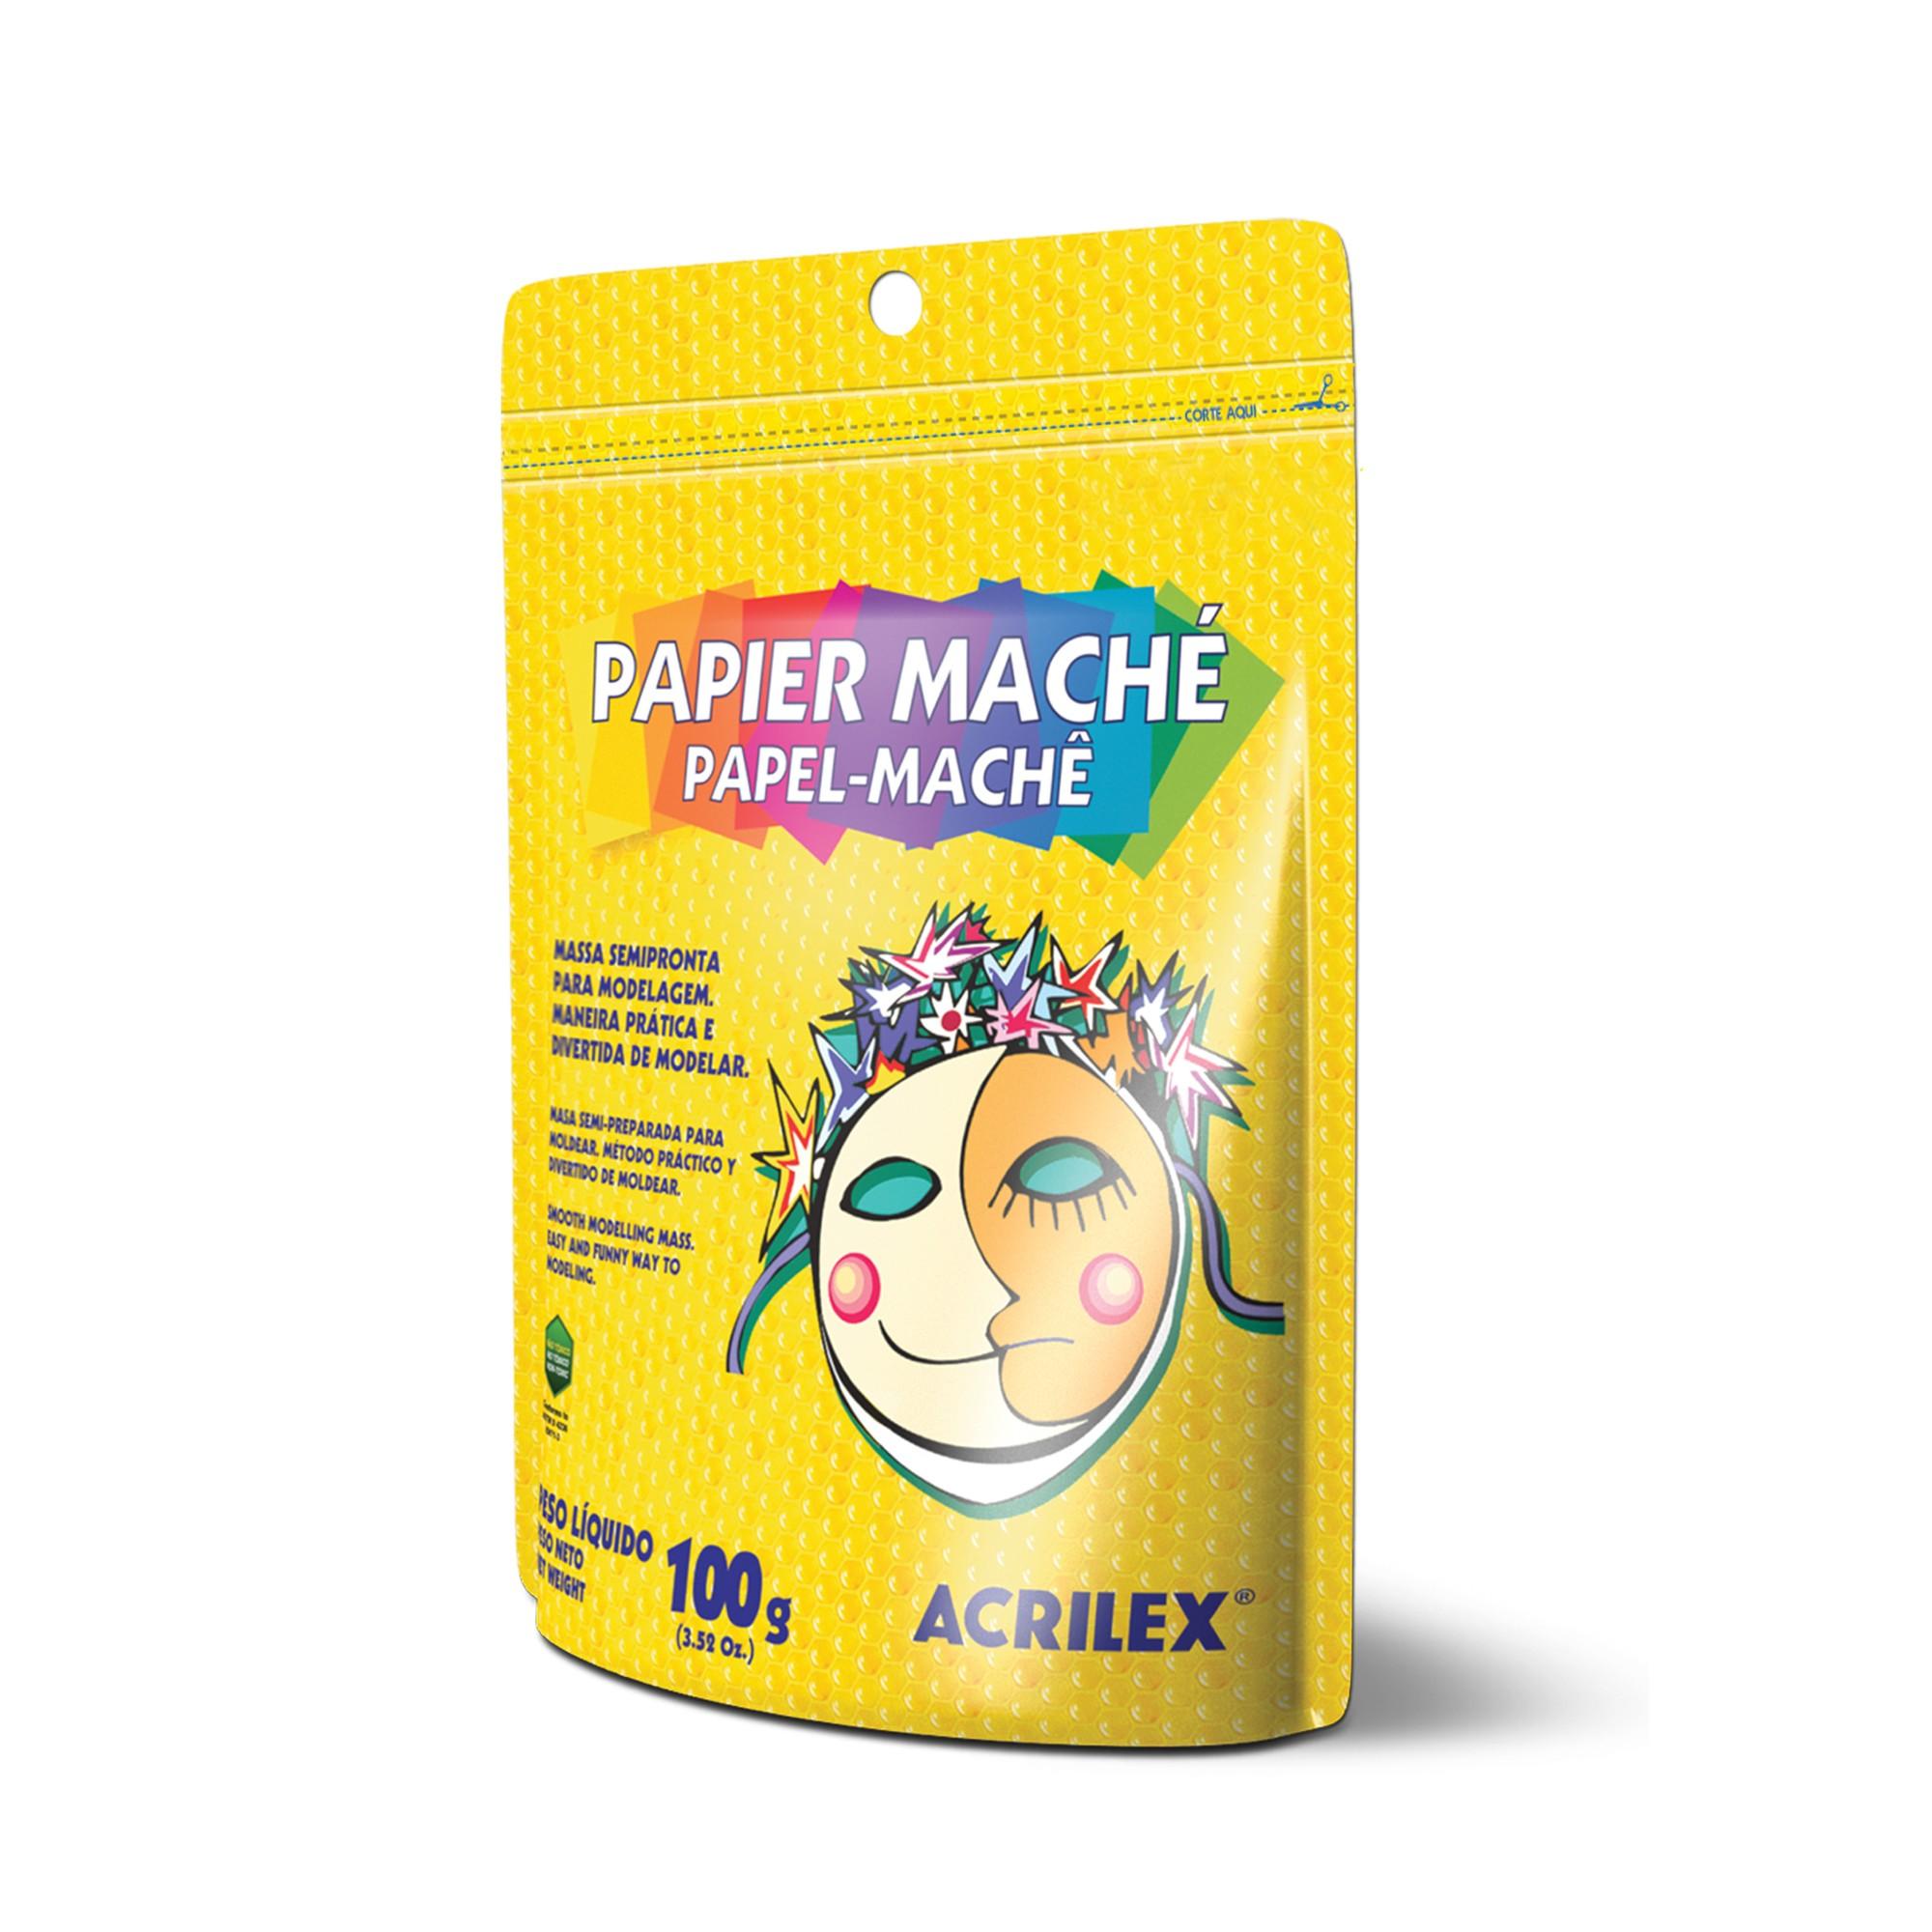 Papel-Mache 100g - Acrilex